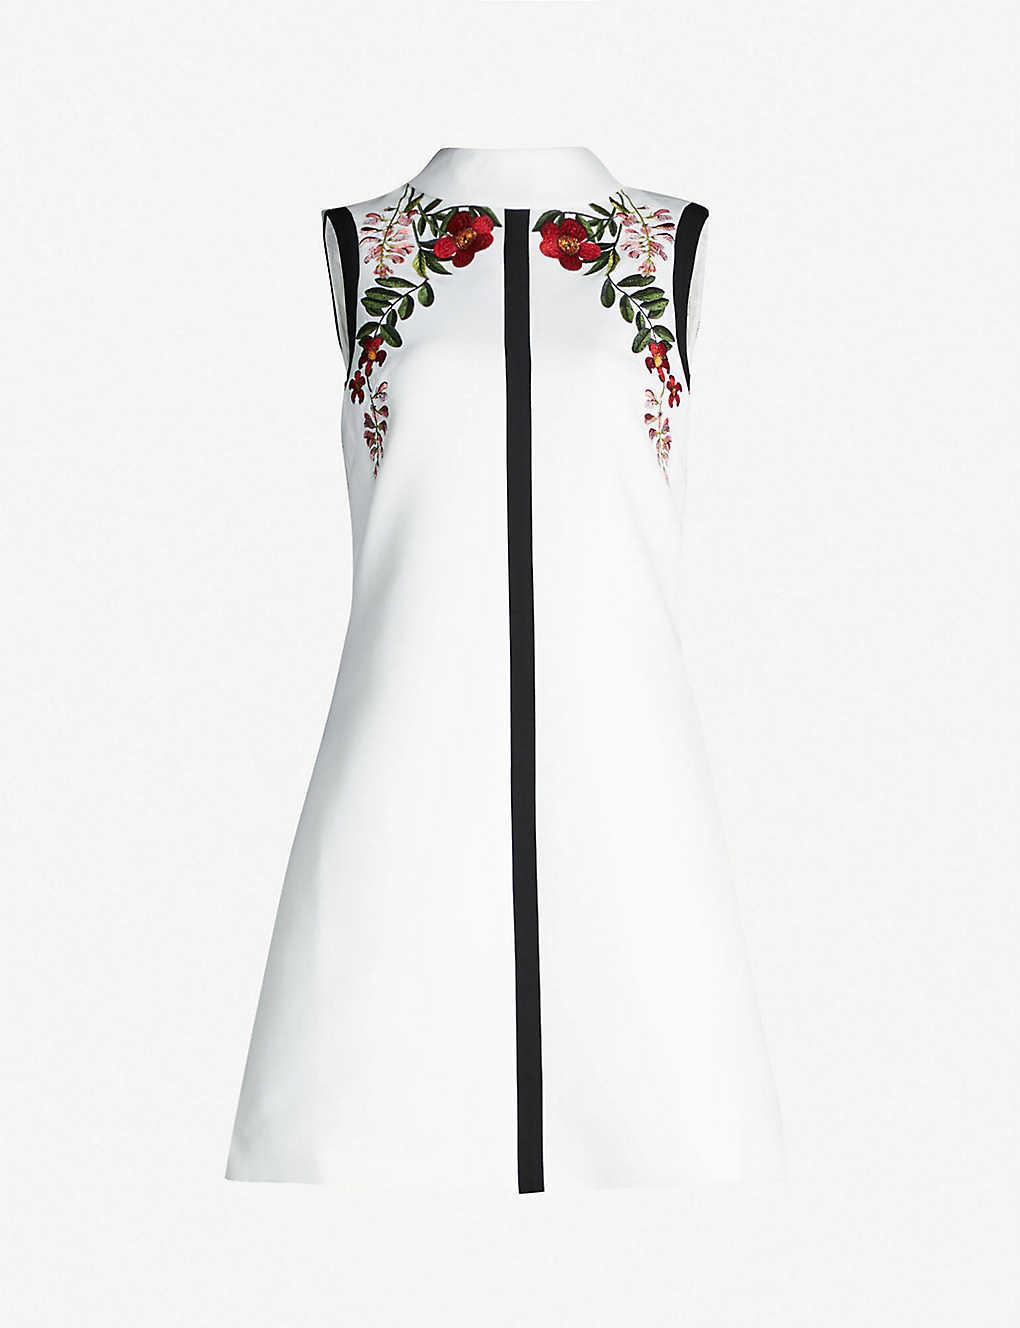 044c39916d5 TED BAKER - Aimmiid Kirstenbosch embroidered woven tunic dress |  Selfridges.com